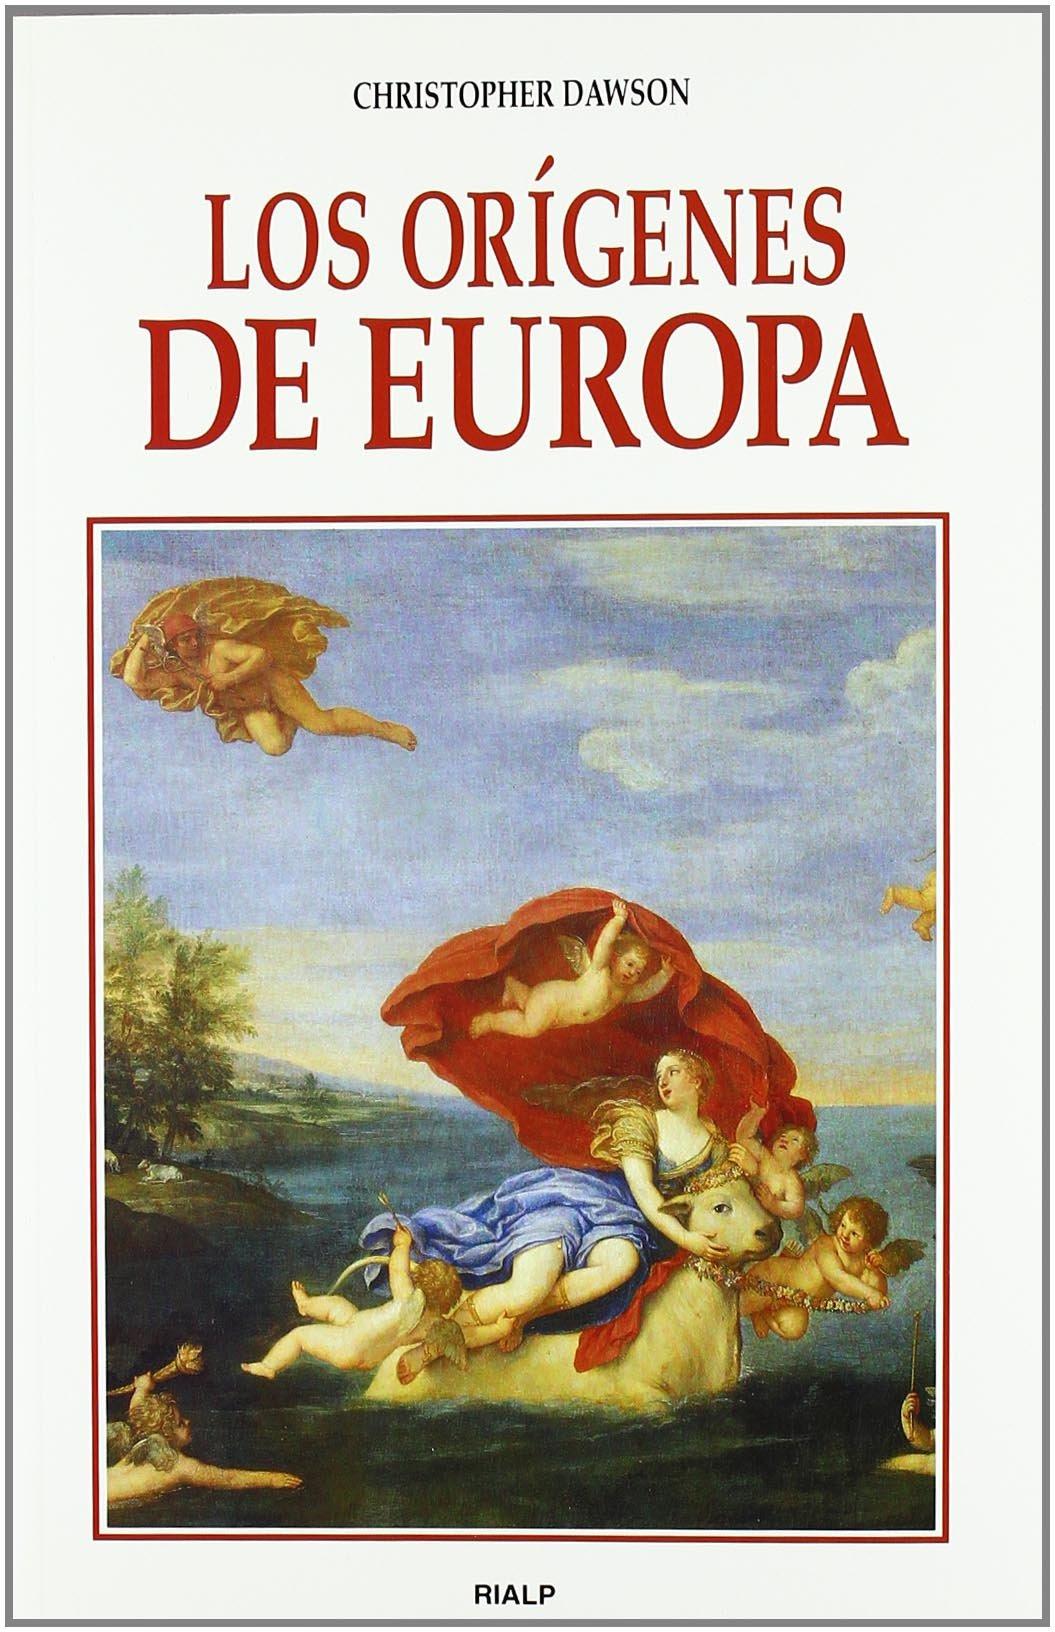 Los orígenes de Europa (Historia y Biografías): Amazon.es: Dawson, Christopher, Elías de Tejada, Francisco: Libros